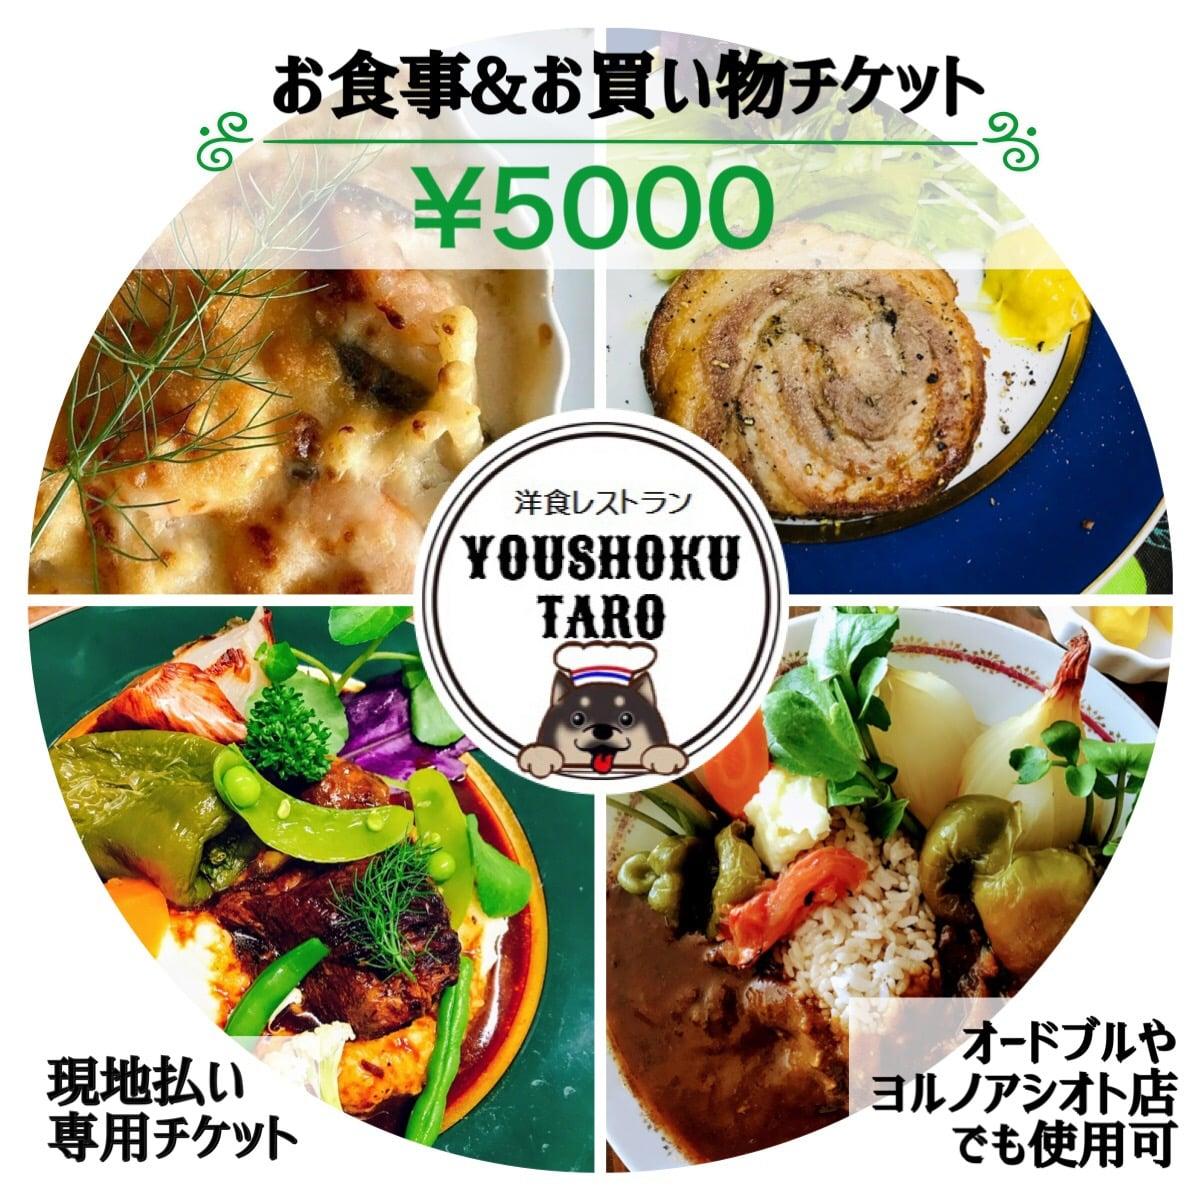 【現地払い専用】5000円お食事チケットのイメージその1